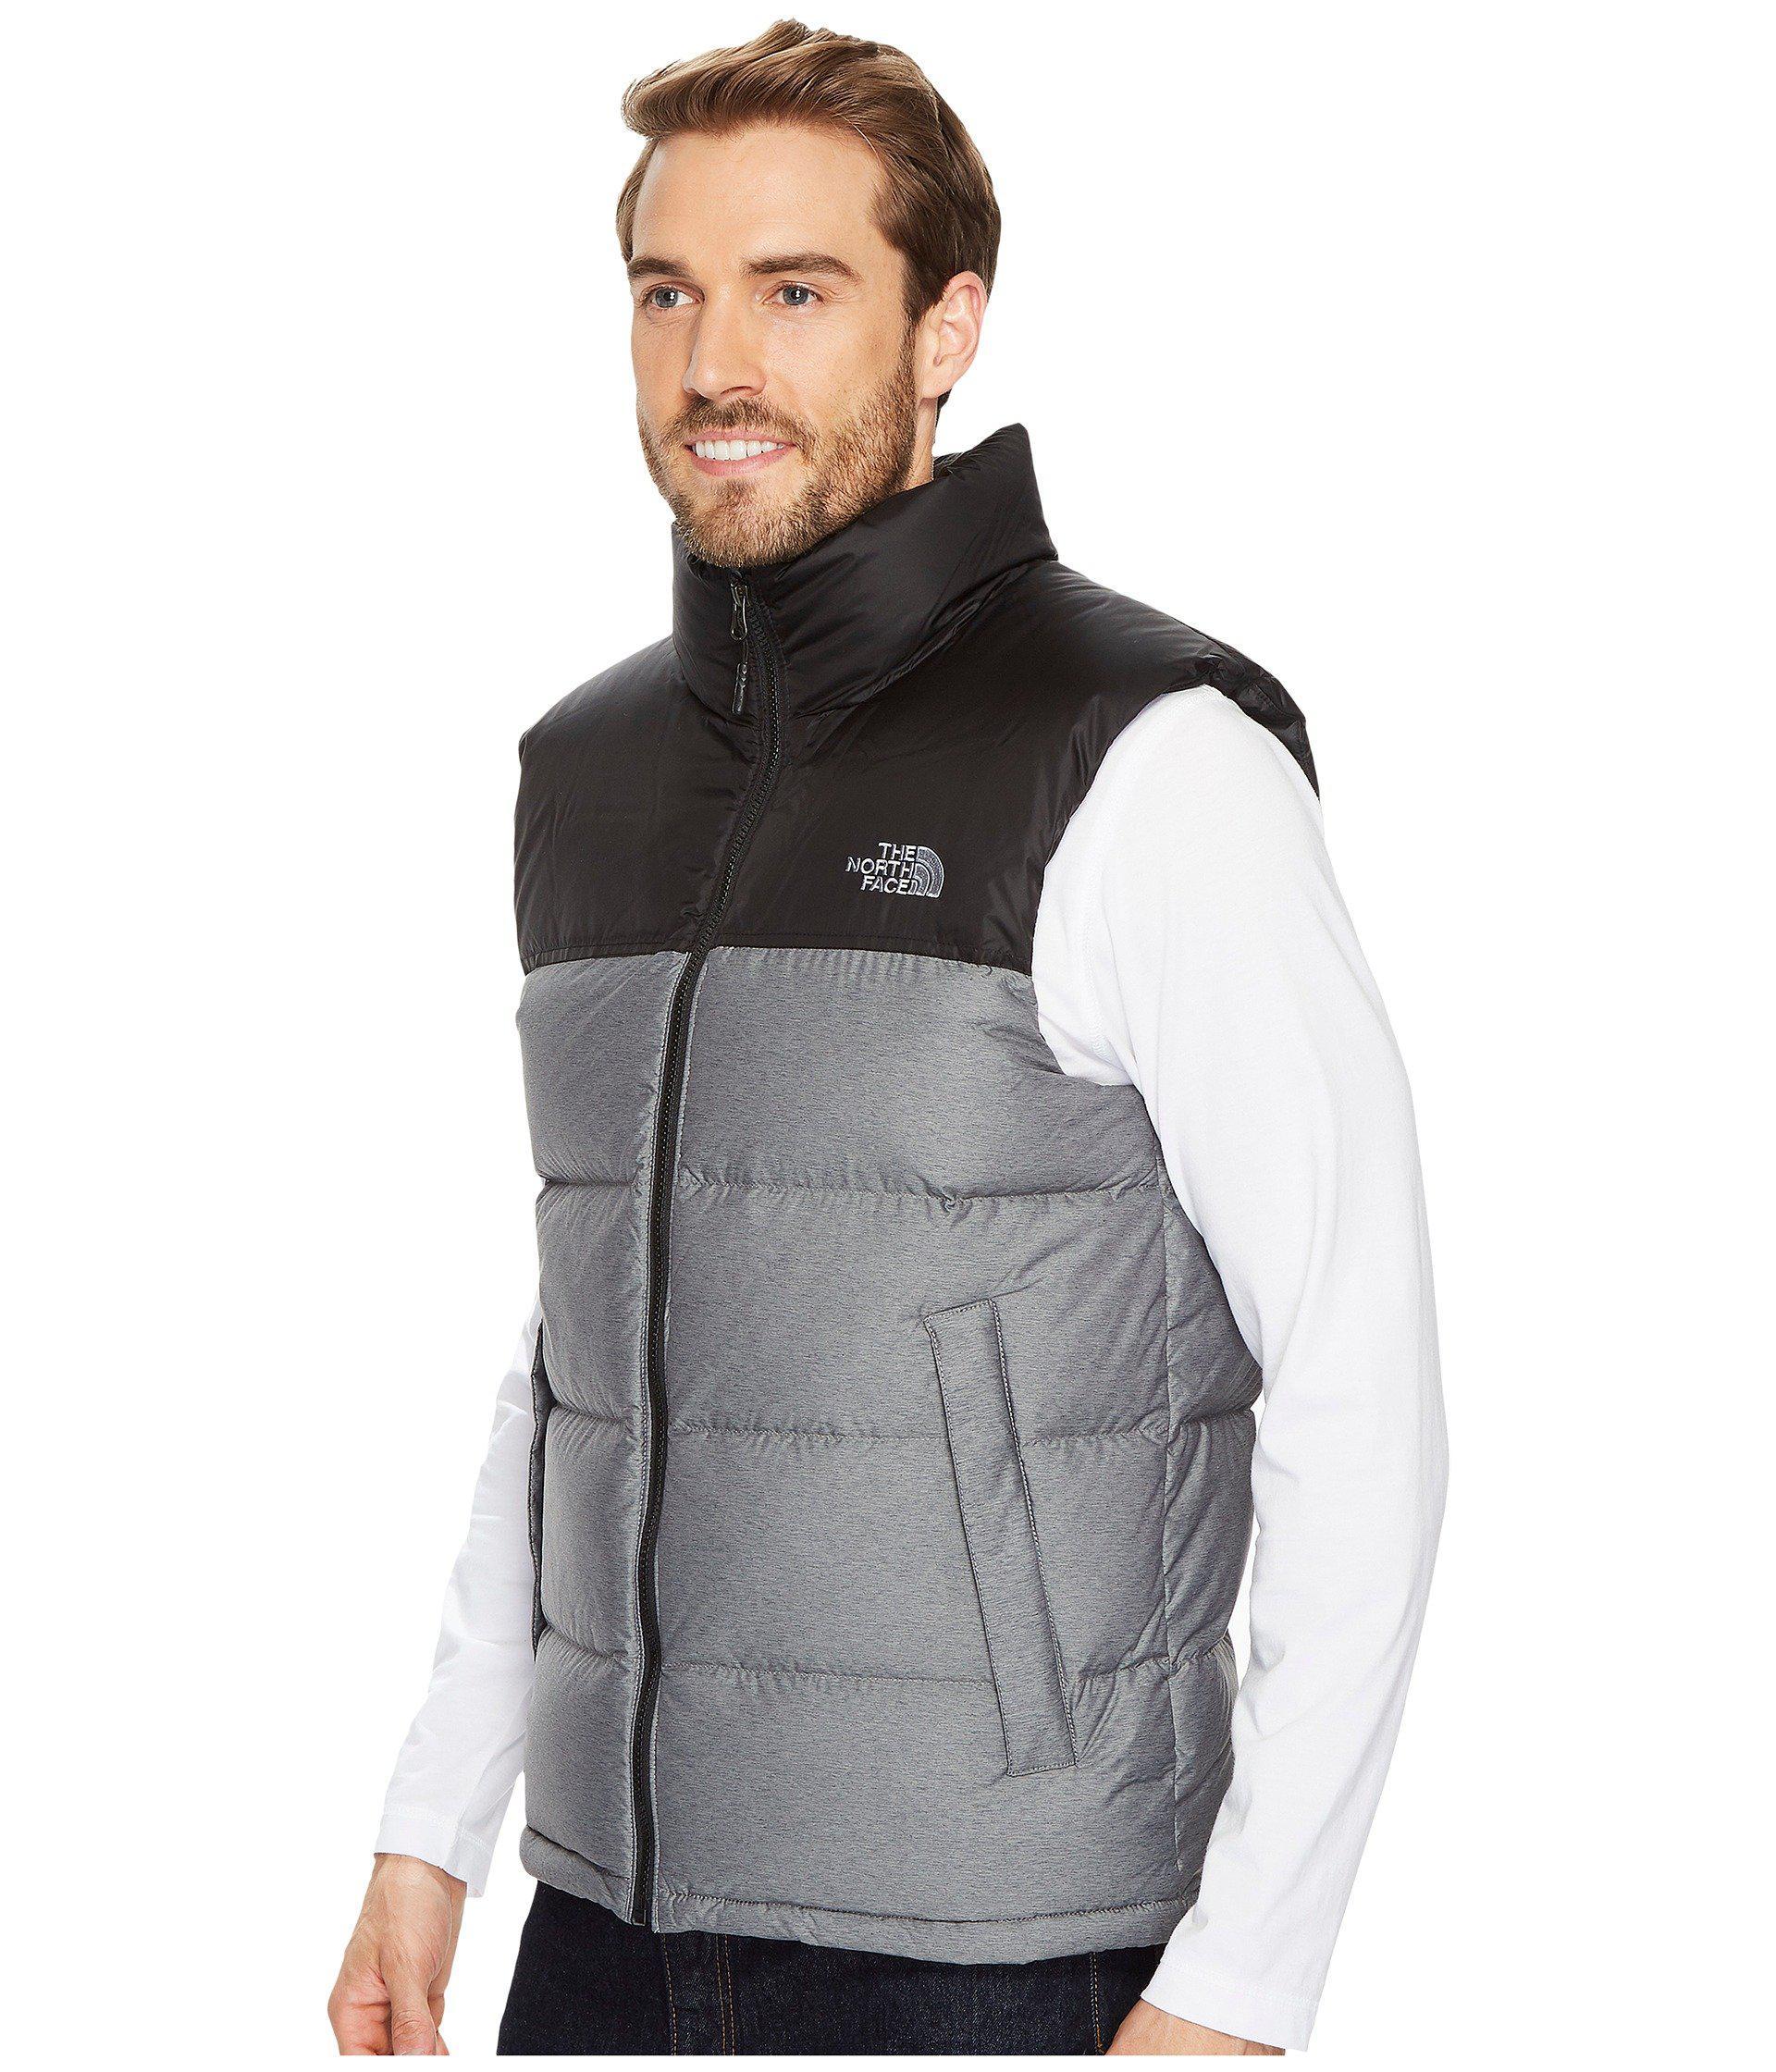 e3c03fe560 ... tnf black 36d18 6670f  store lyst the north face nuptse vest in gray  for men save 4.545454545454547 b657c 3cc3f